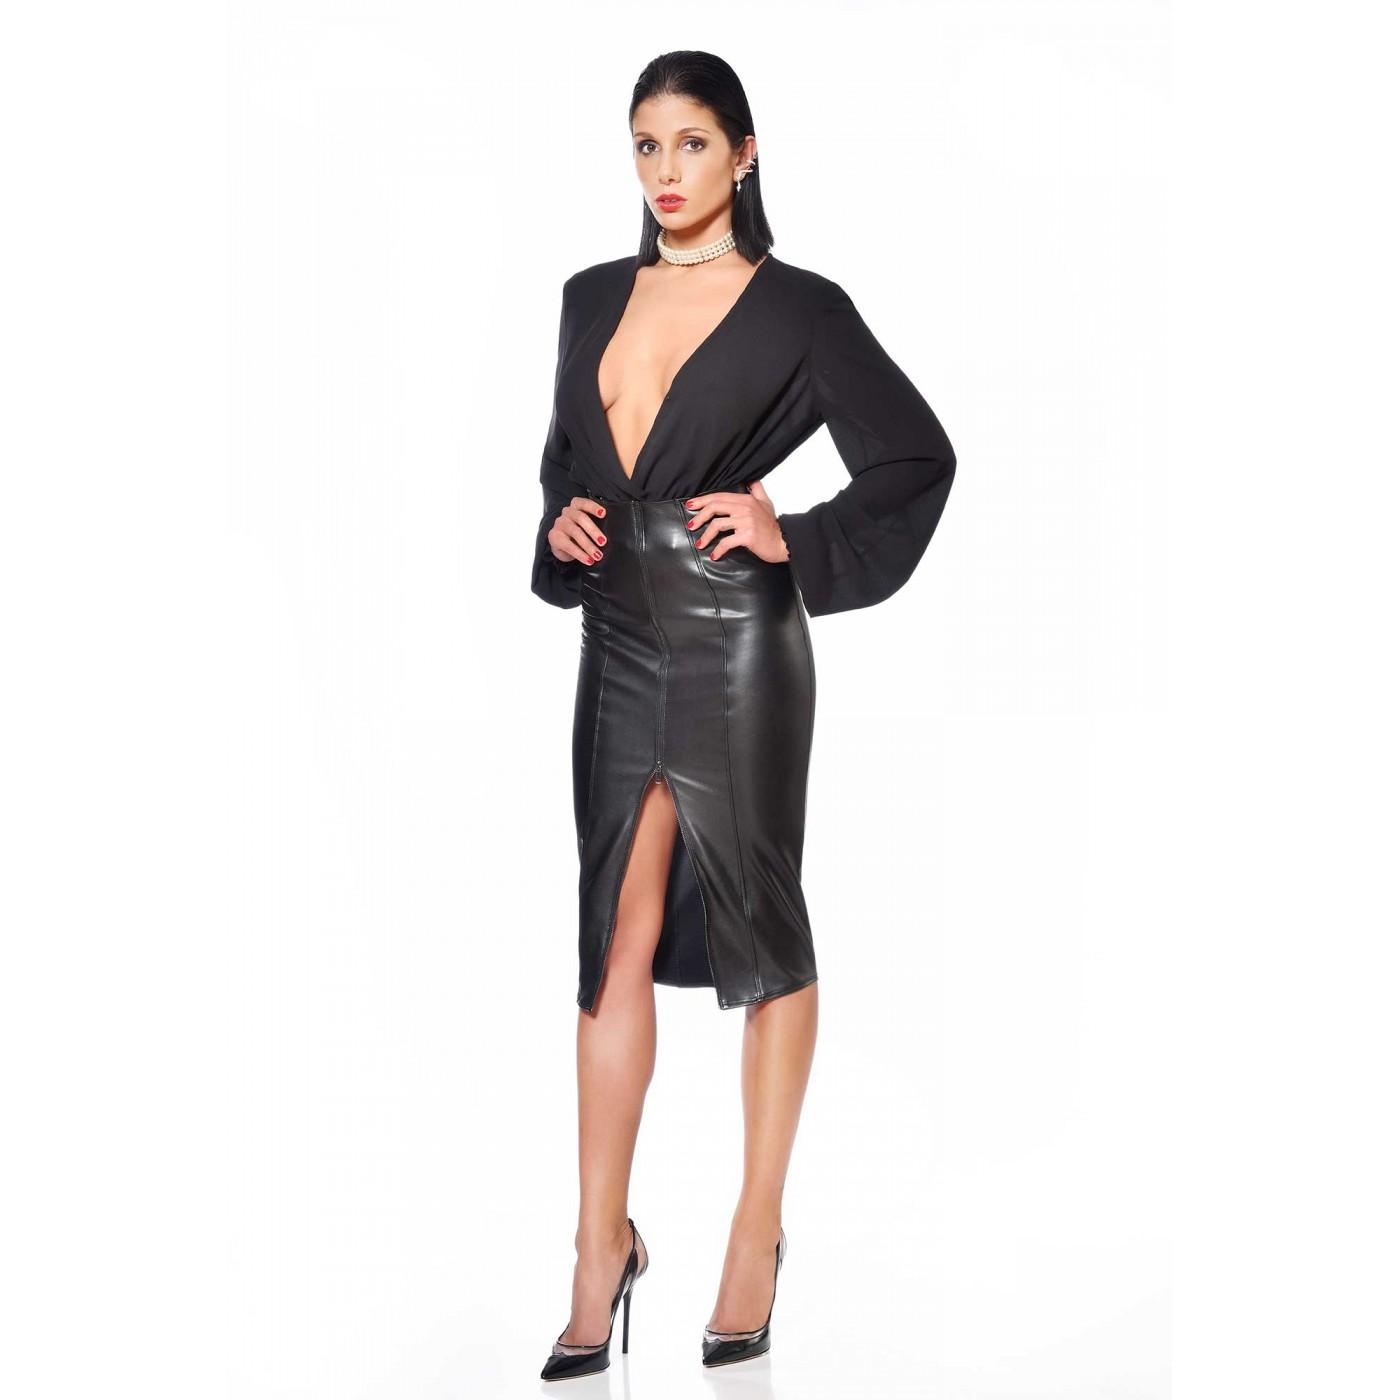 Violeta, chemise en crêpe noir - Patrice Catanzaro